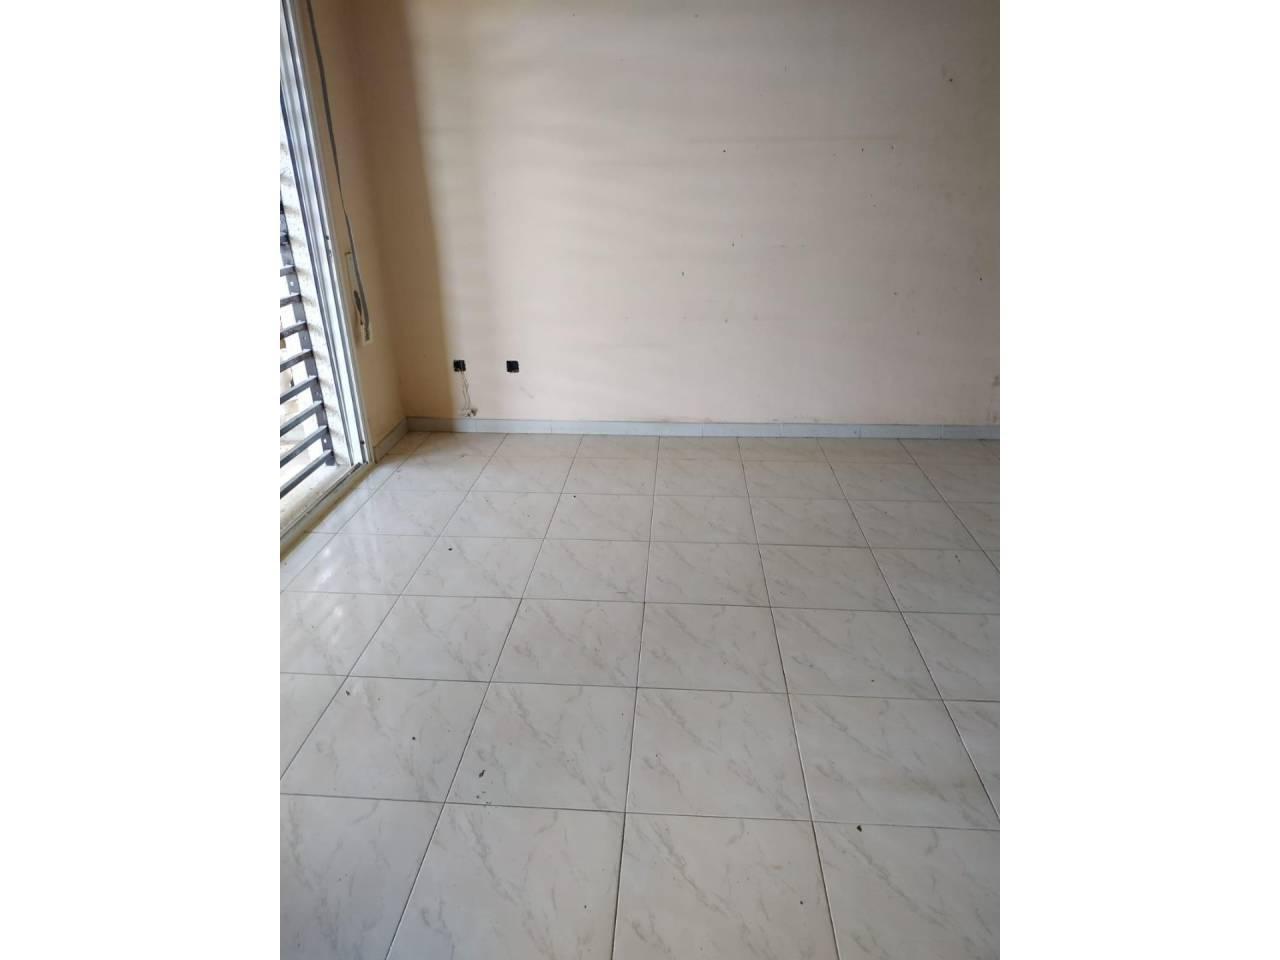 Appartement  Calle paisos catalans, 63. Piso tipo planta baja de 107 m2 distribuido en salón-comedor, co